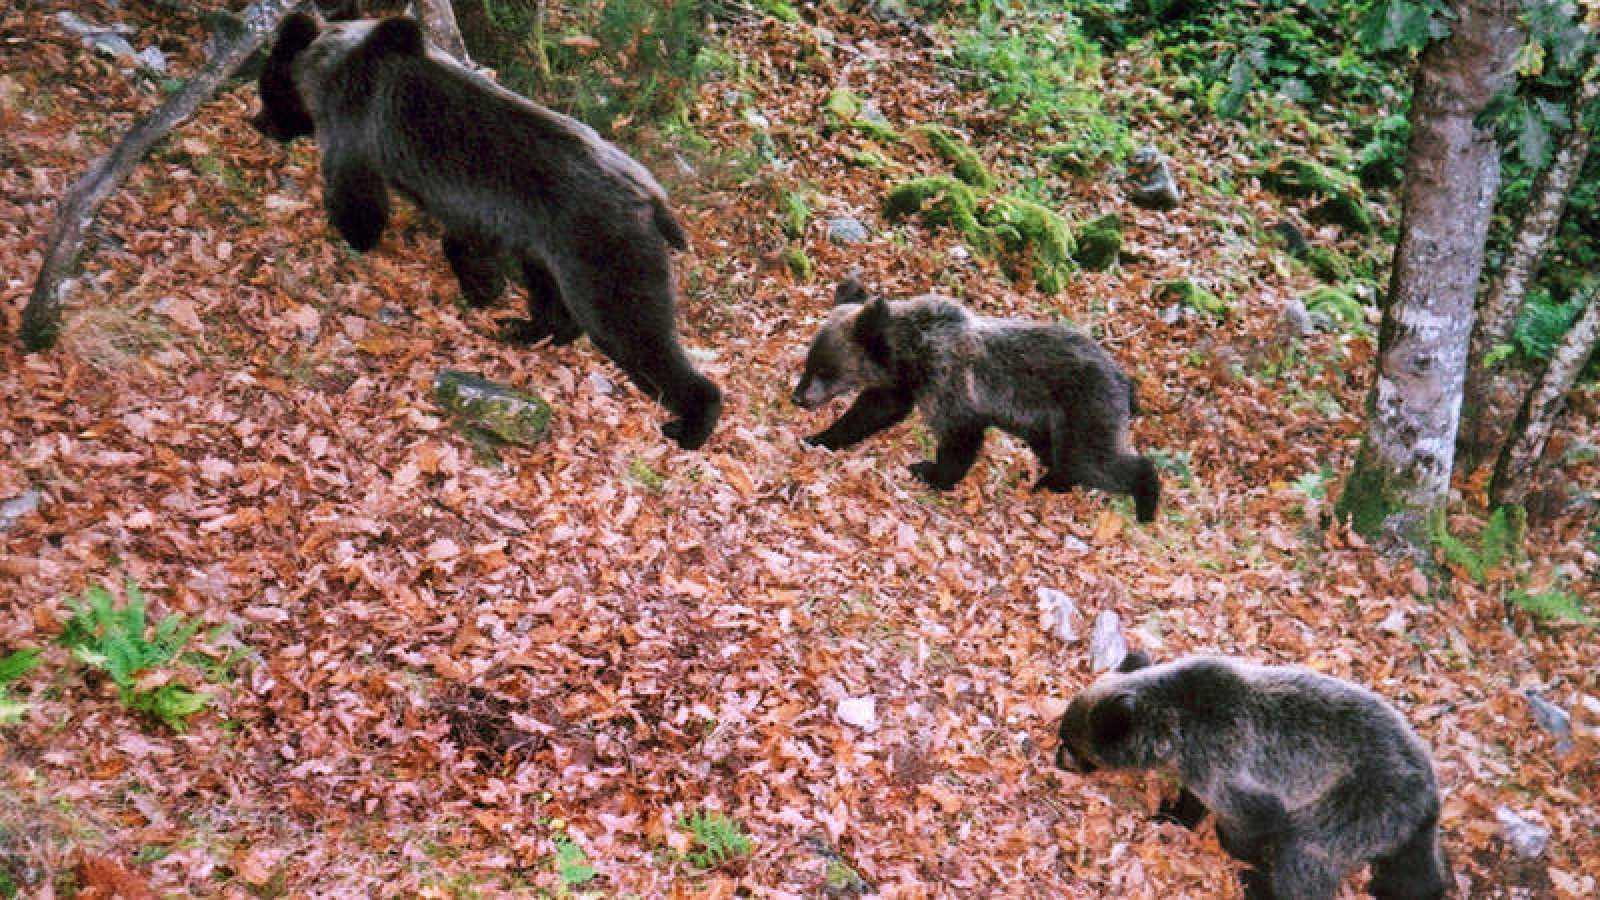 El oso pardo es una de las ¿especies paraguas¿ que han conseguido salir de una situación crítica gracias a la protección de su territorio.